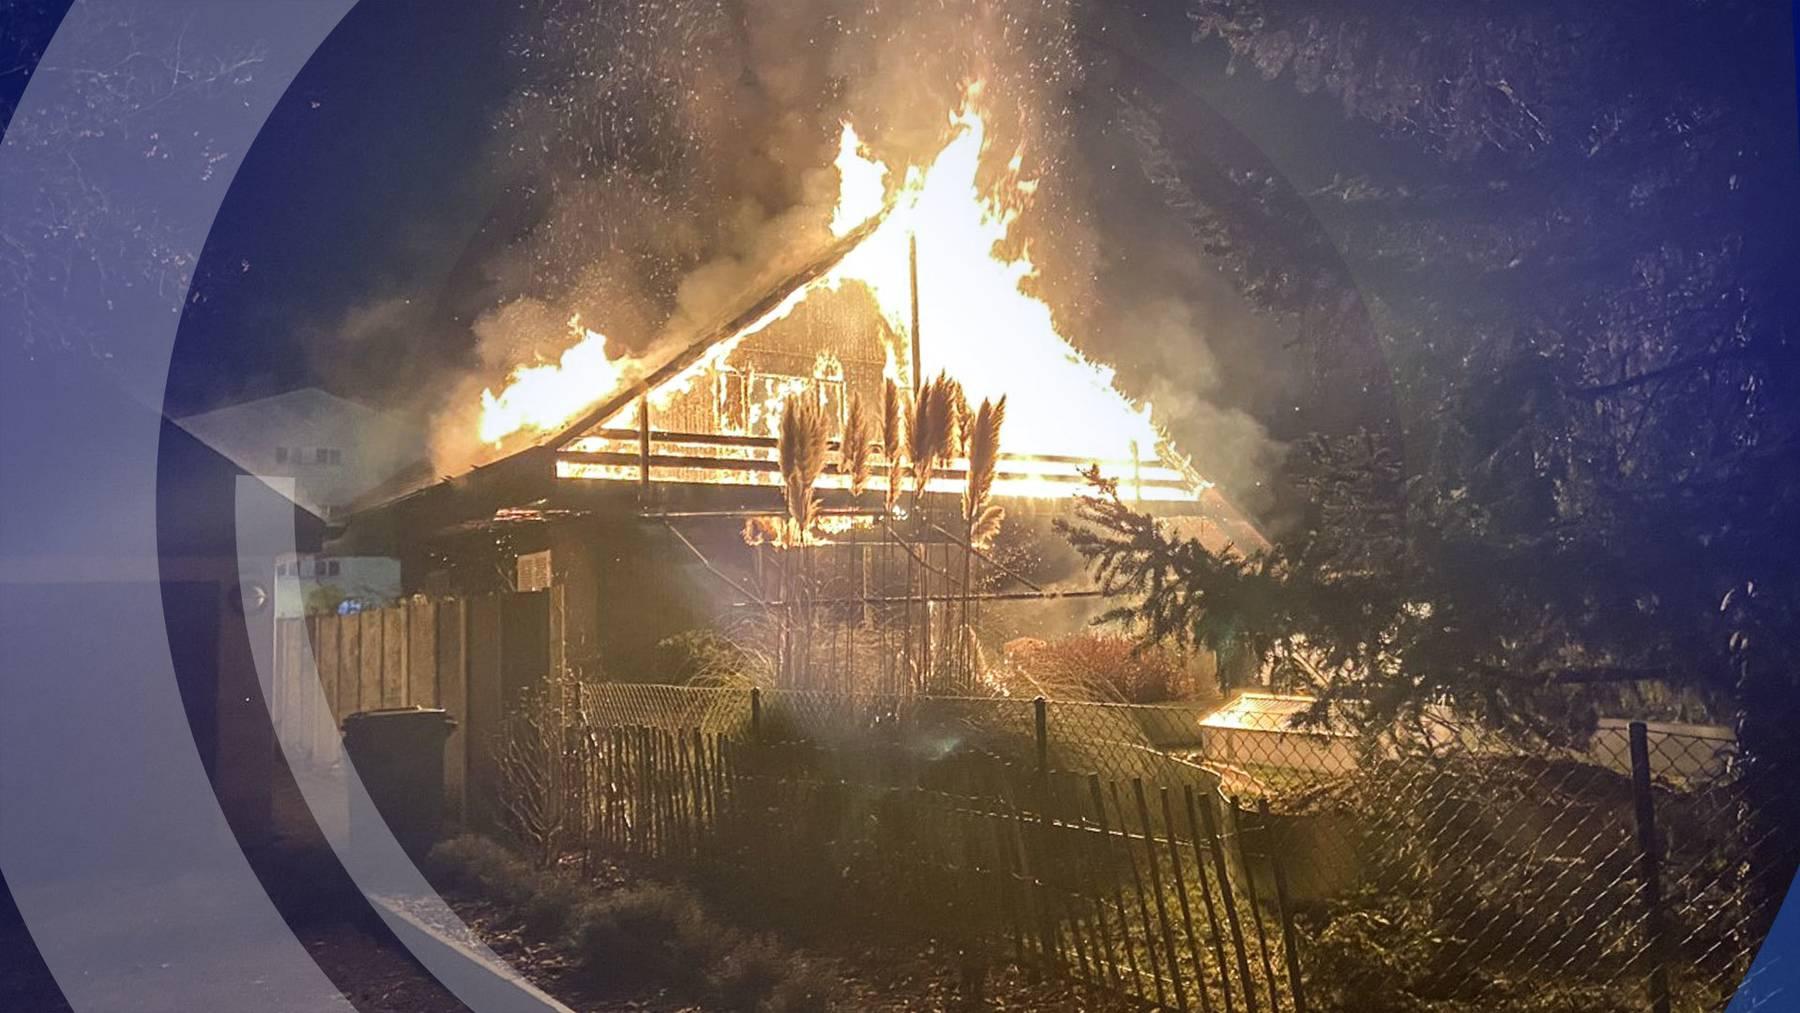 Viermal brannte es in der Nacht auf heute im Aargau, eine Familie verlor alles